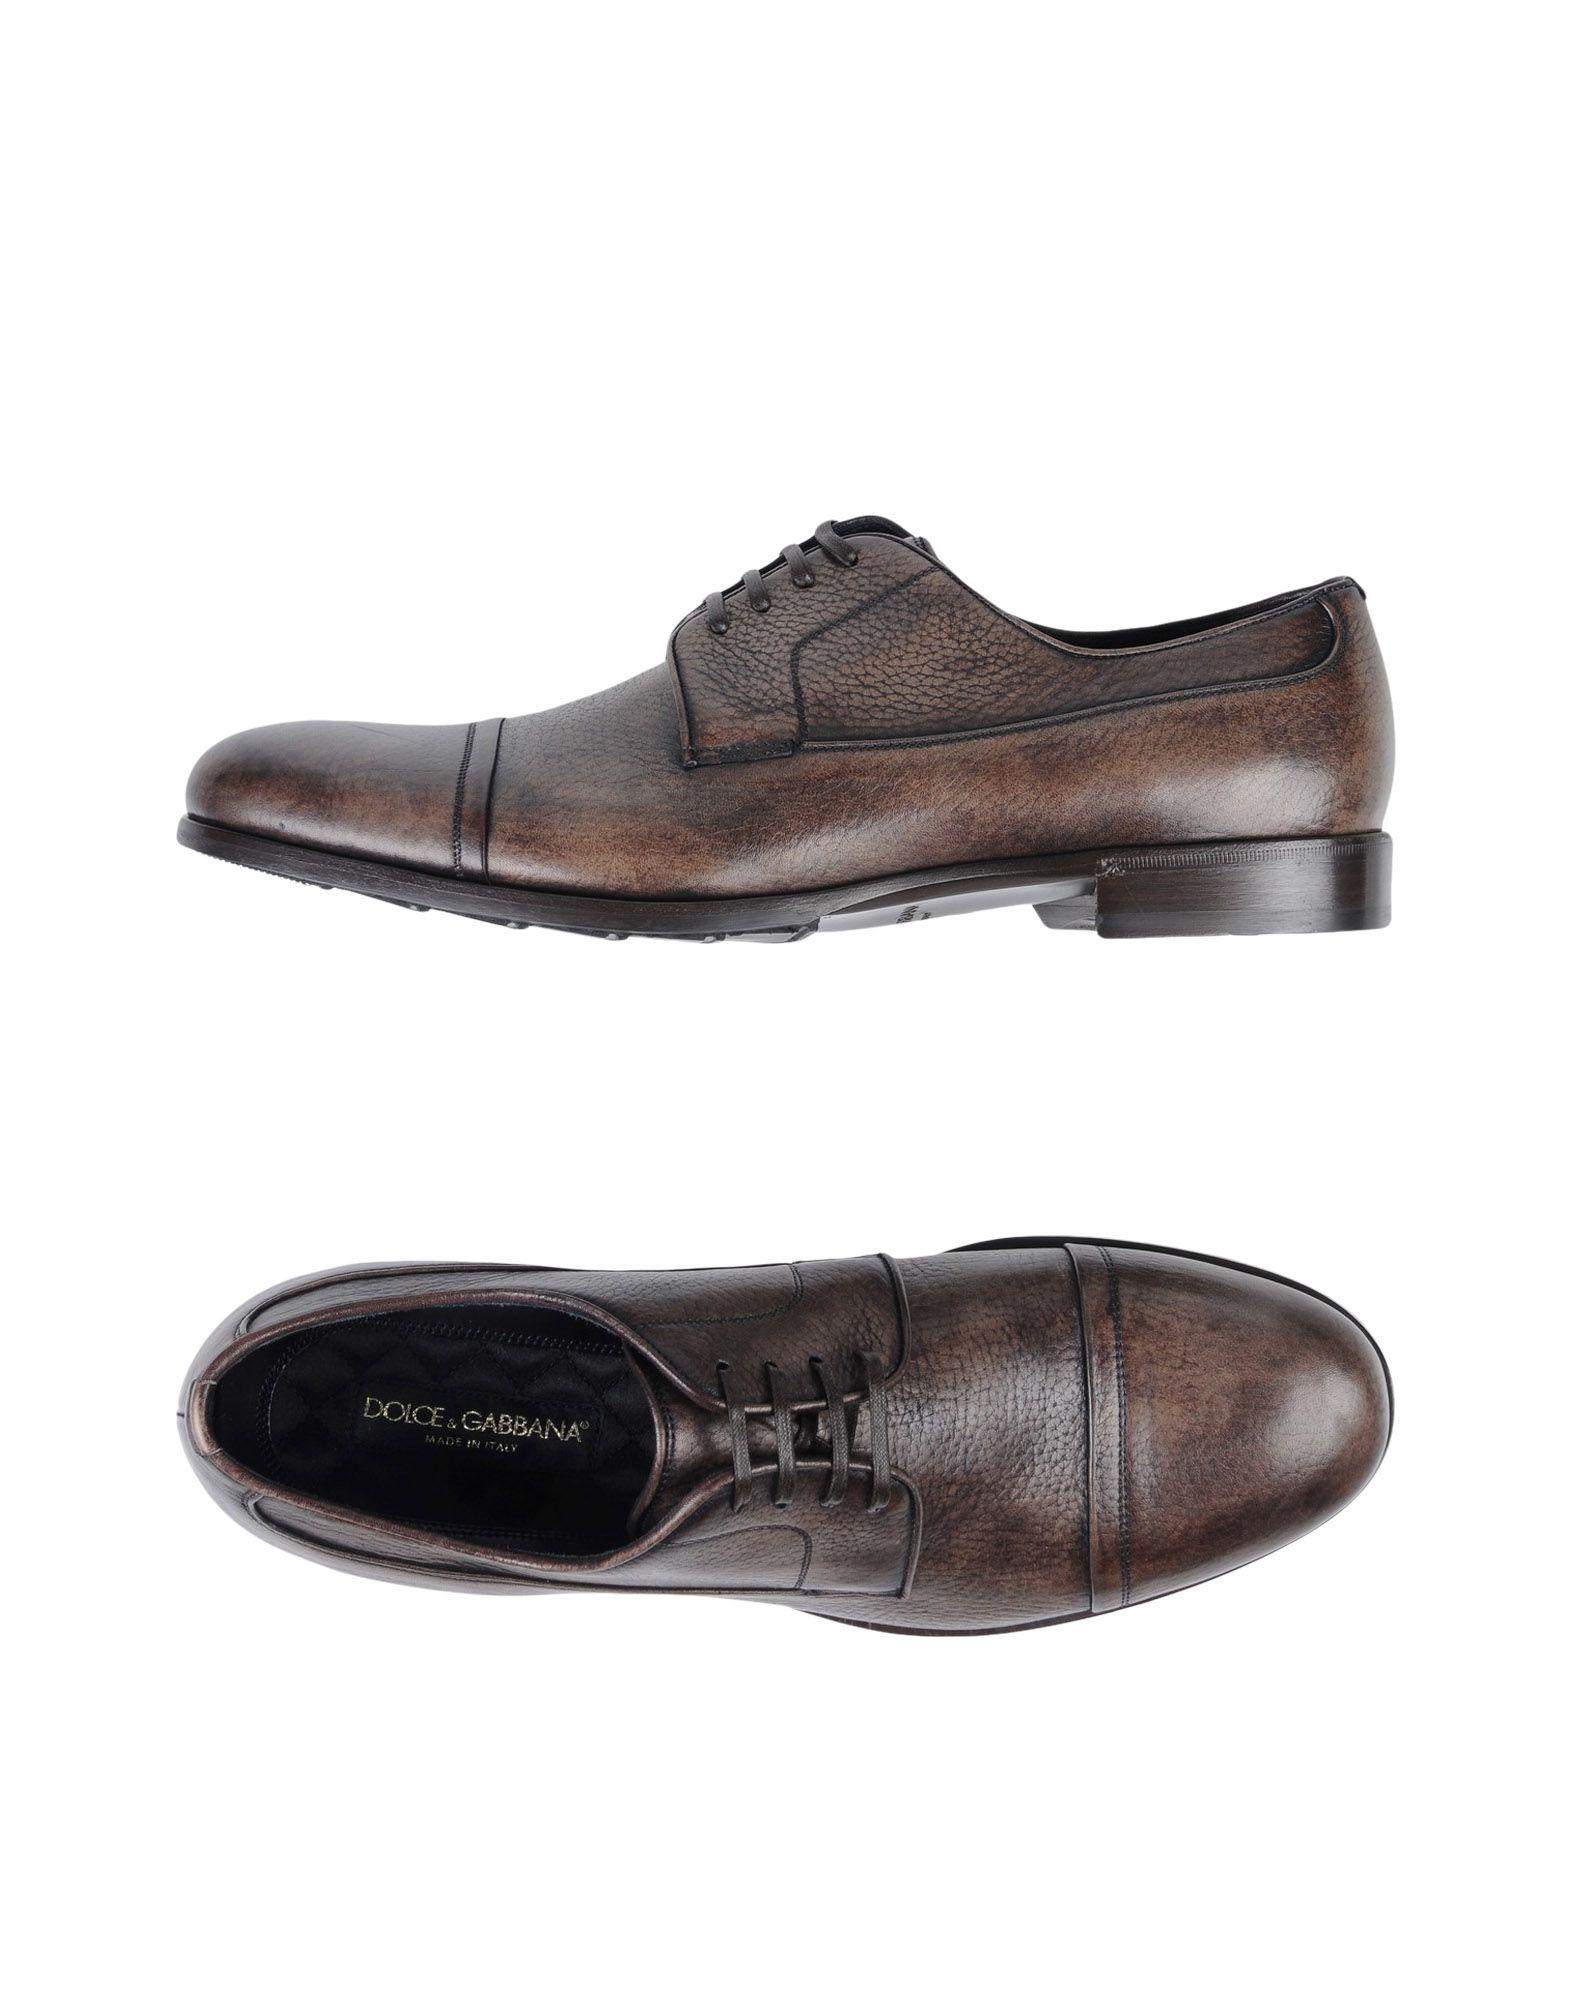 Dolce & Gabbana Schnürschuhe Herren  11390872NU Gute Qualität beliebte Schuhe